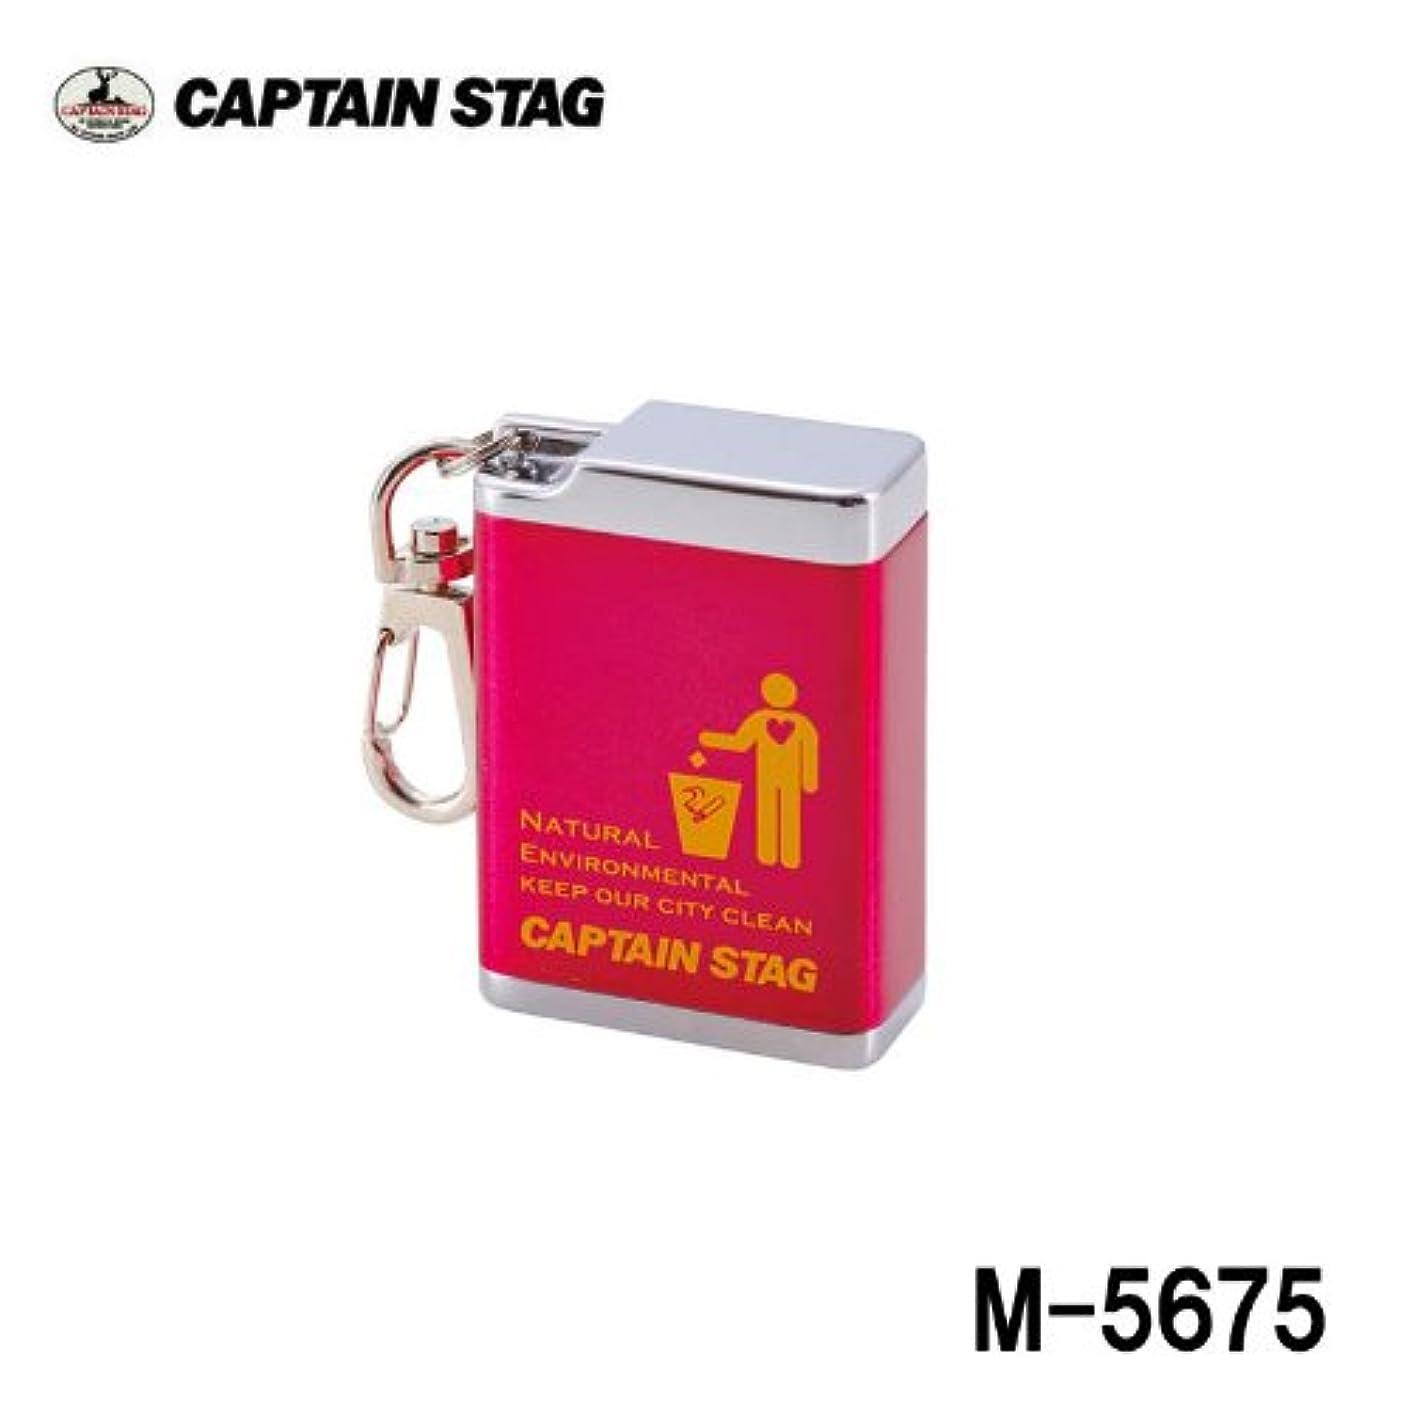 うまくいけば縮約乳製品キャプテンスタッグ 携帯用灰皿 アッシュトレー アルミスクエアメタル レッドM-5675